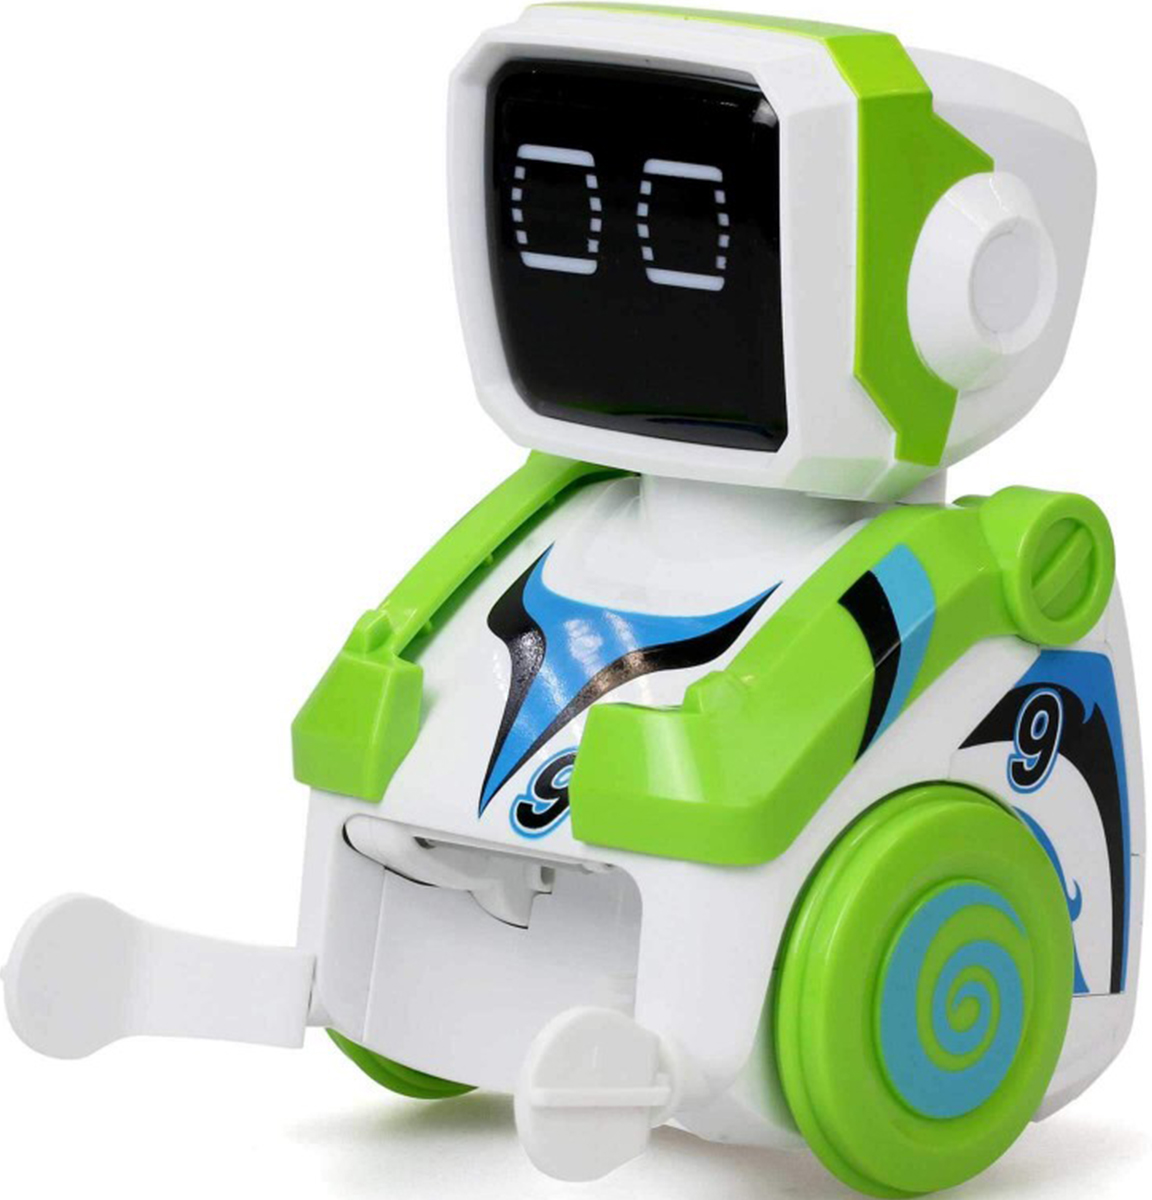 Silverlit Old School Робот футболист Кикабот цвет зеленый - Интерактивные игрушки